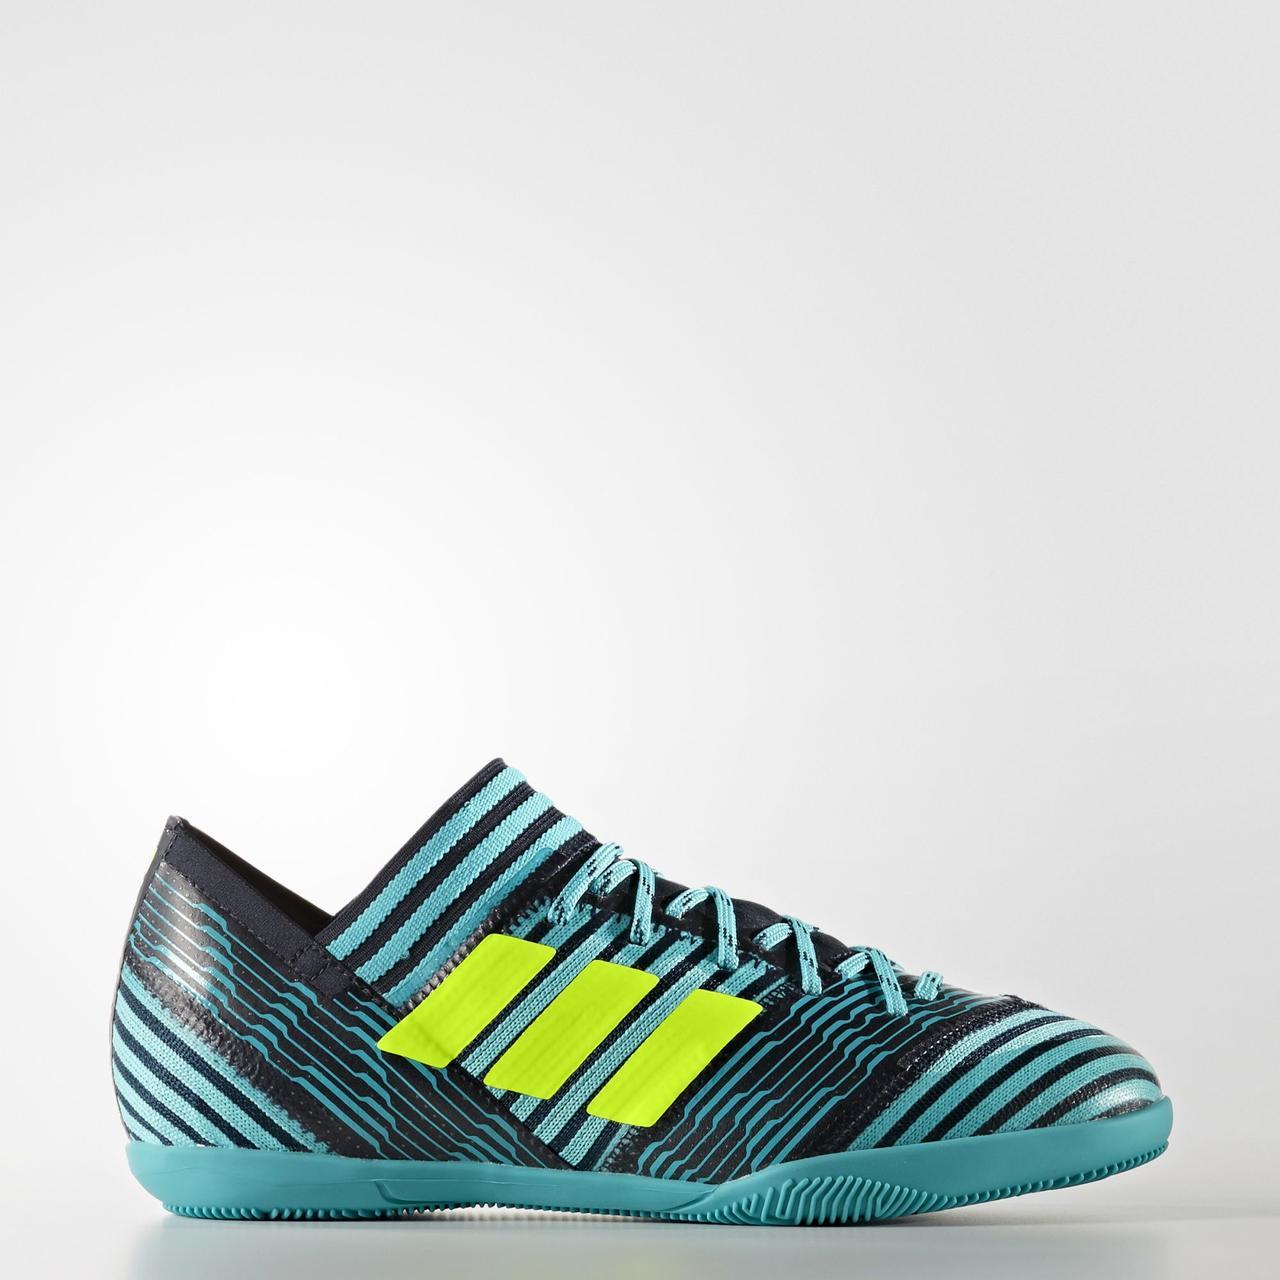 ba7e6e046c49 Детские футбольные бутсы Adidas Performance Nemeziz Tango 17.3 IN (Артикул   BY2476)